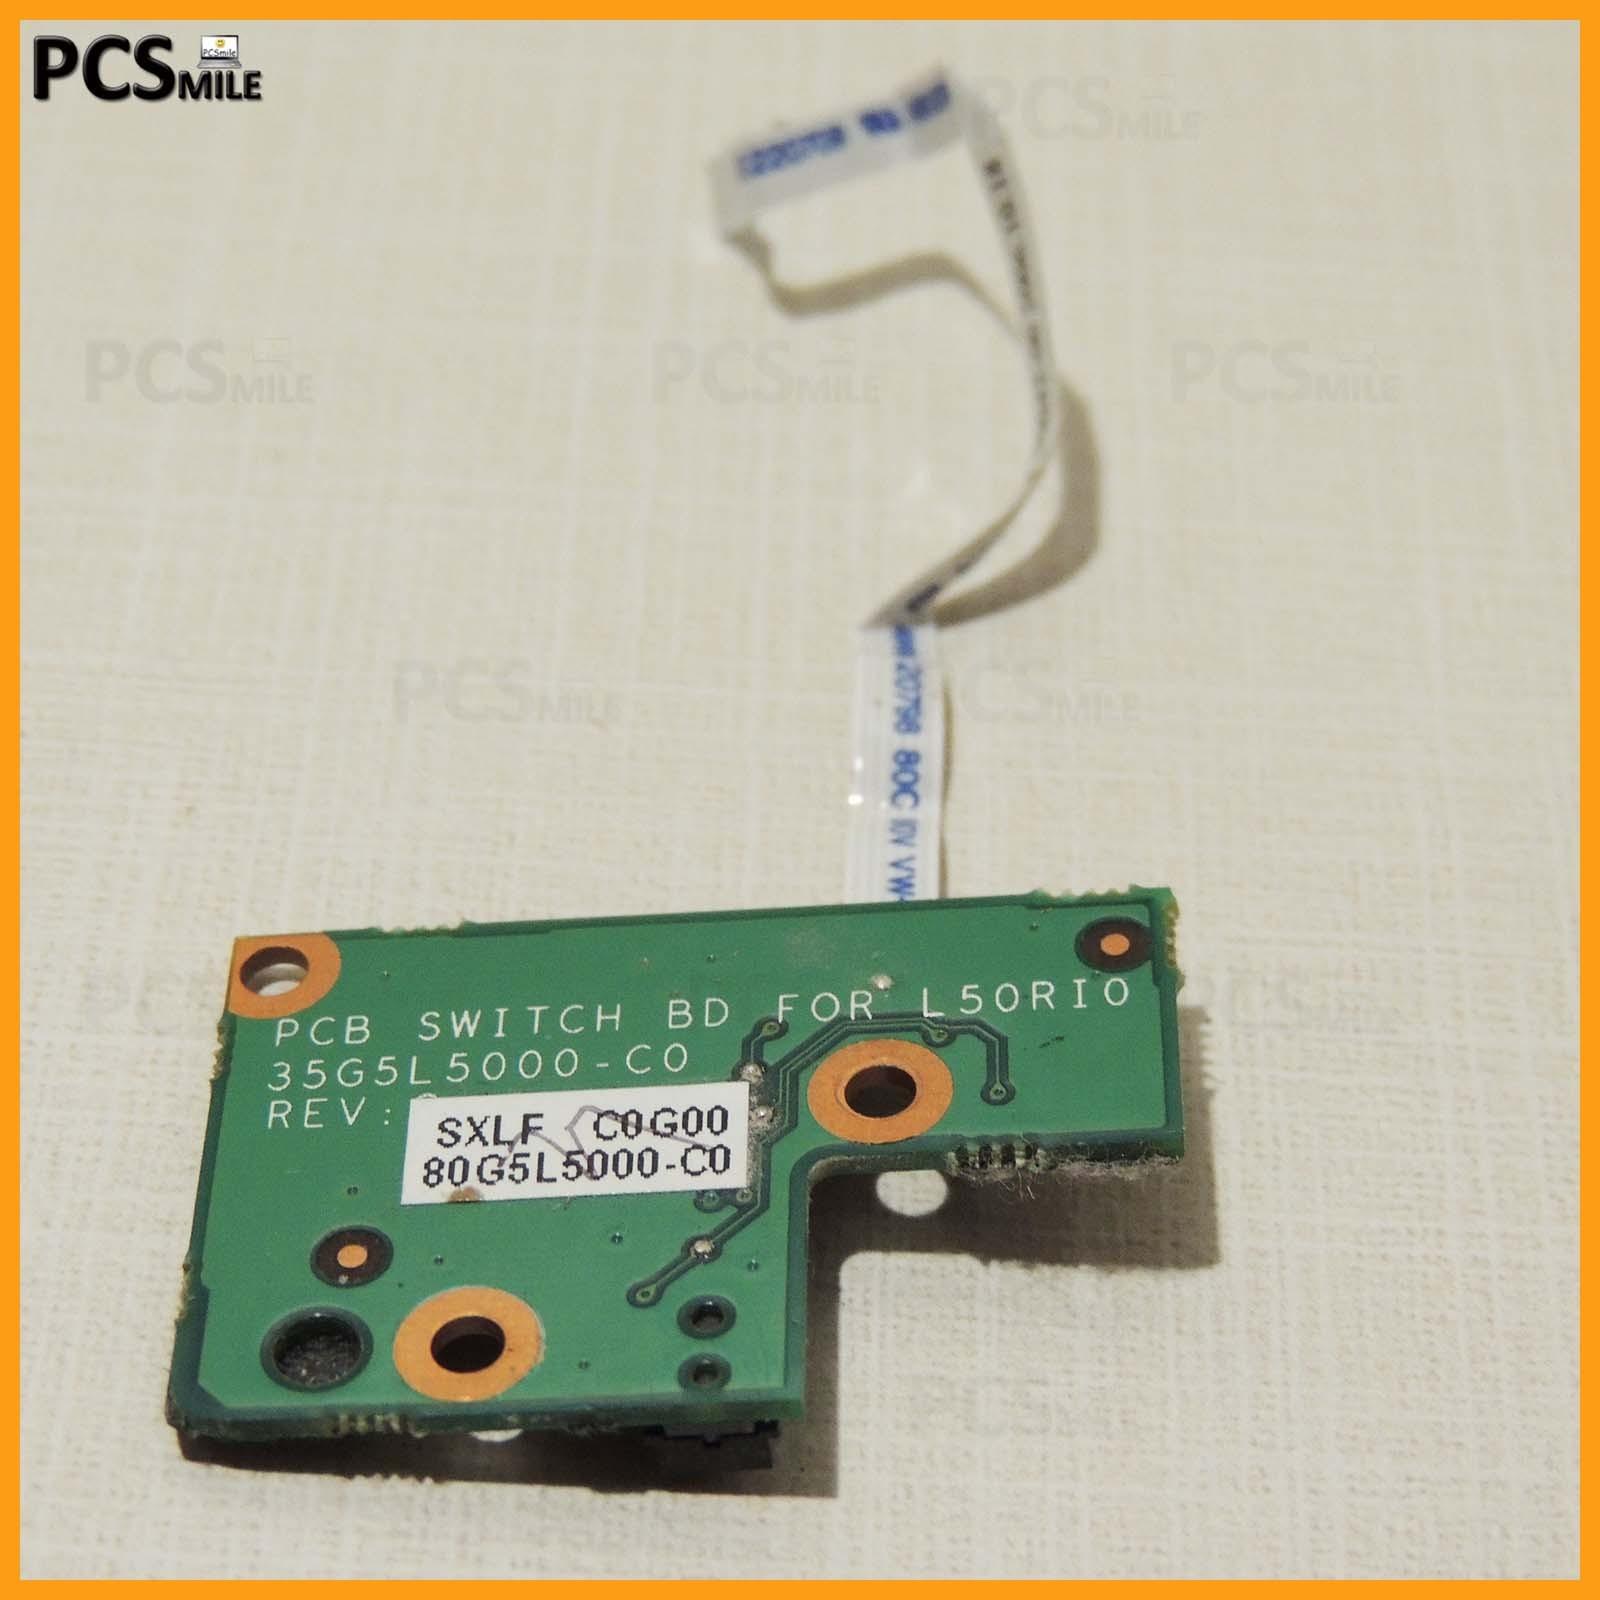 Tasto accensione Amilo Pi 1505 BS032 Fujitsu Siemens 35G5L5000-C0 REV:C